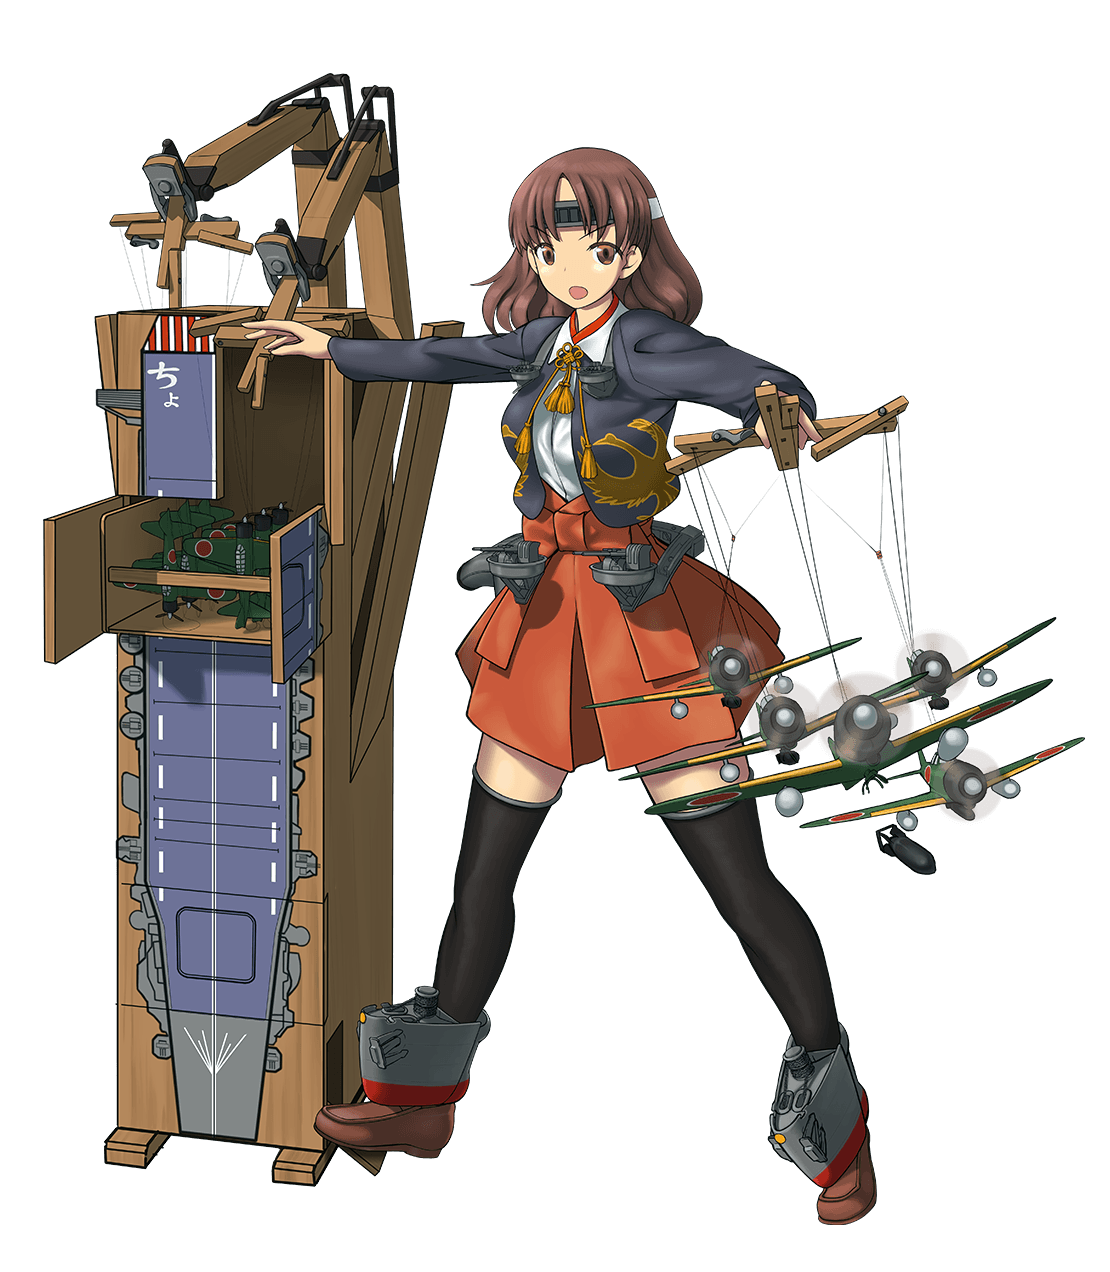 Chiyoda Carrier Full